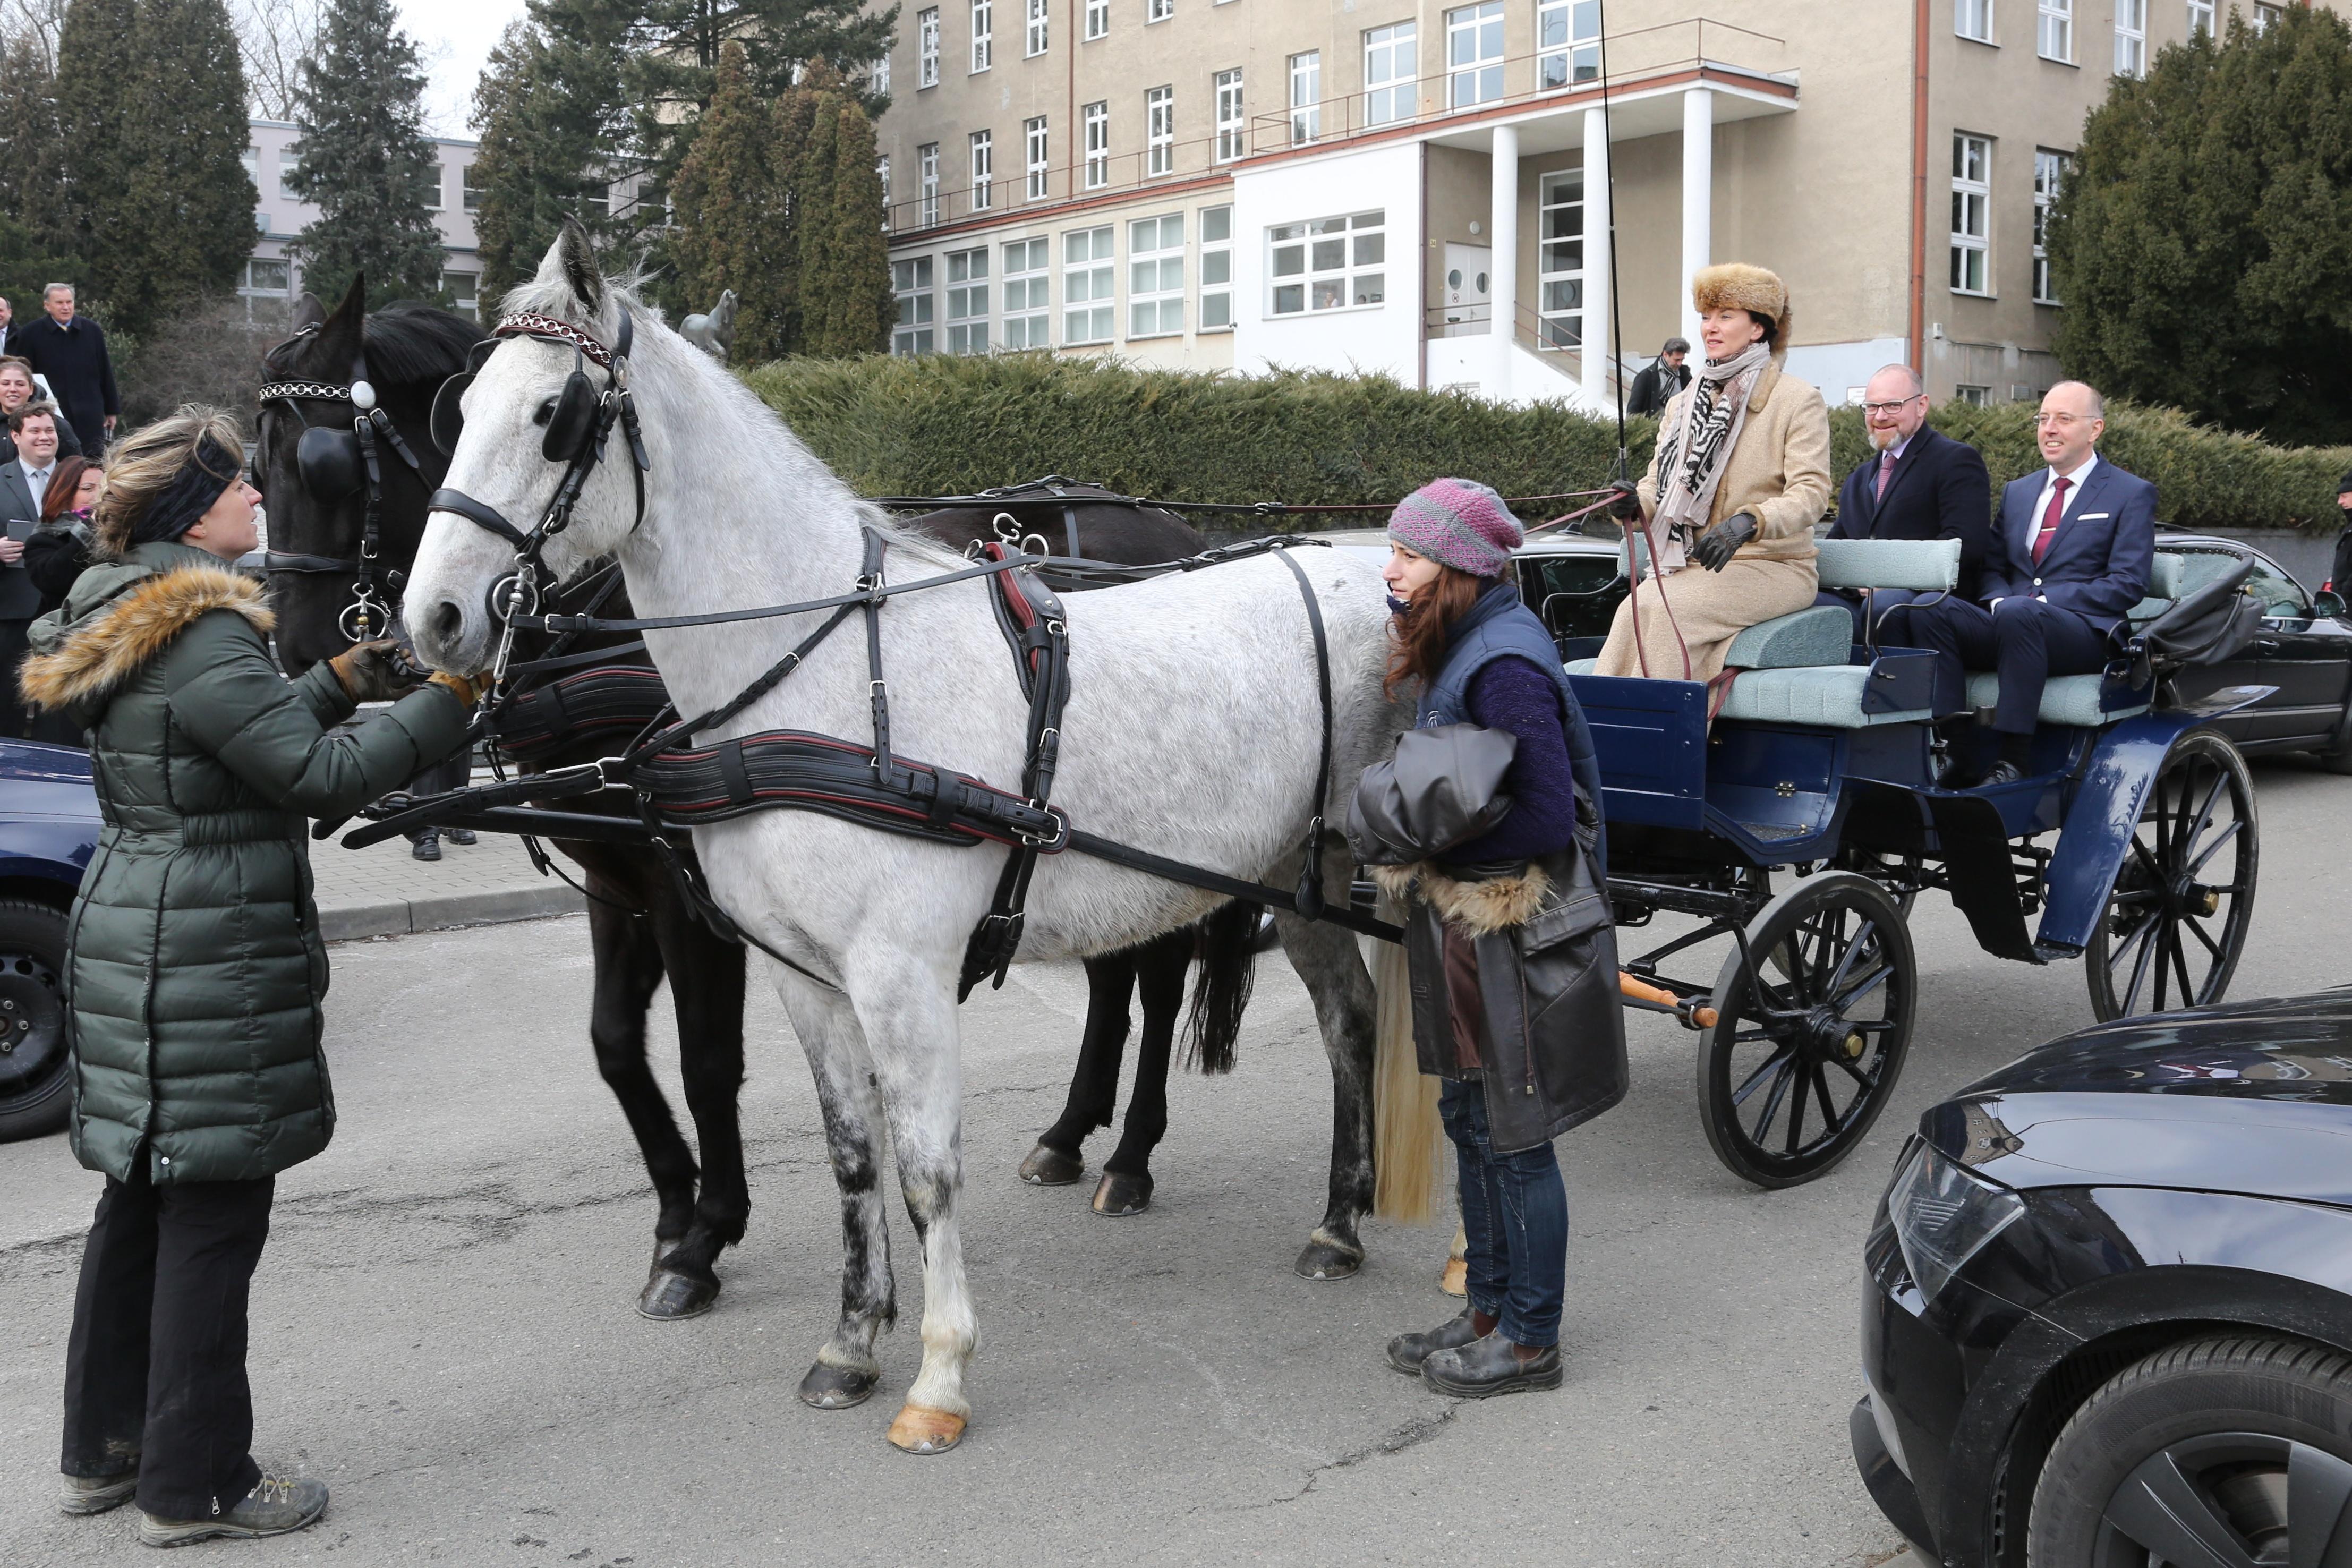 Po významném obřadu nechyběla slavnostní projížďka v kočáře. Rektor Alois Nečas a ministr školství, mládeže a tělovýchovy Robert Plaga.